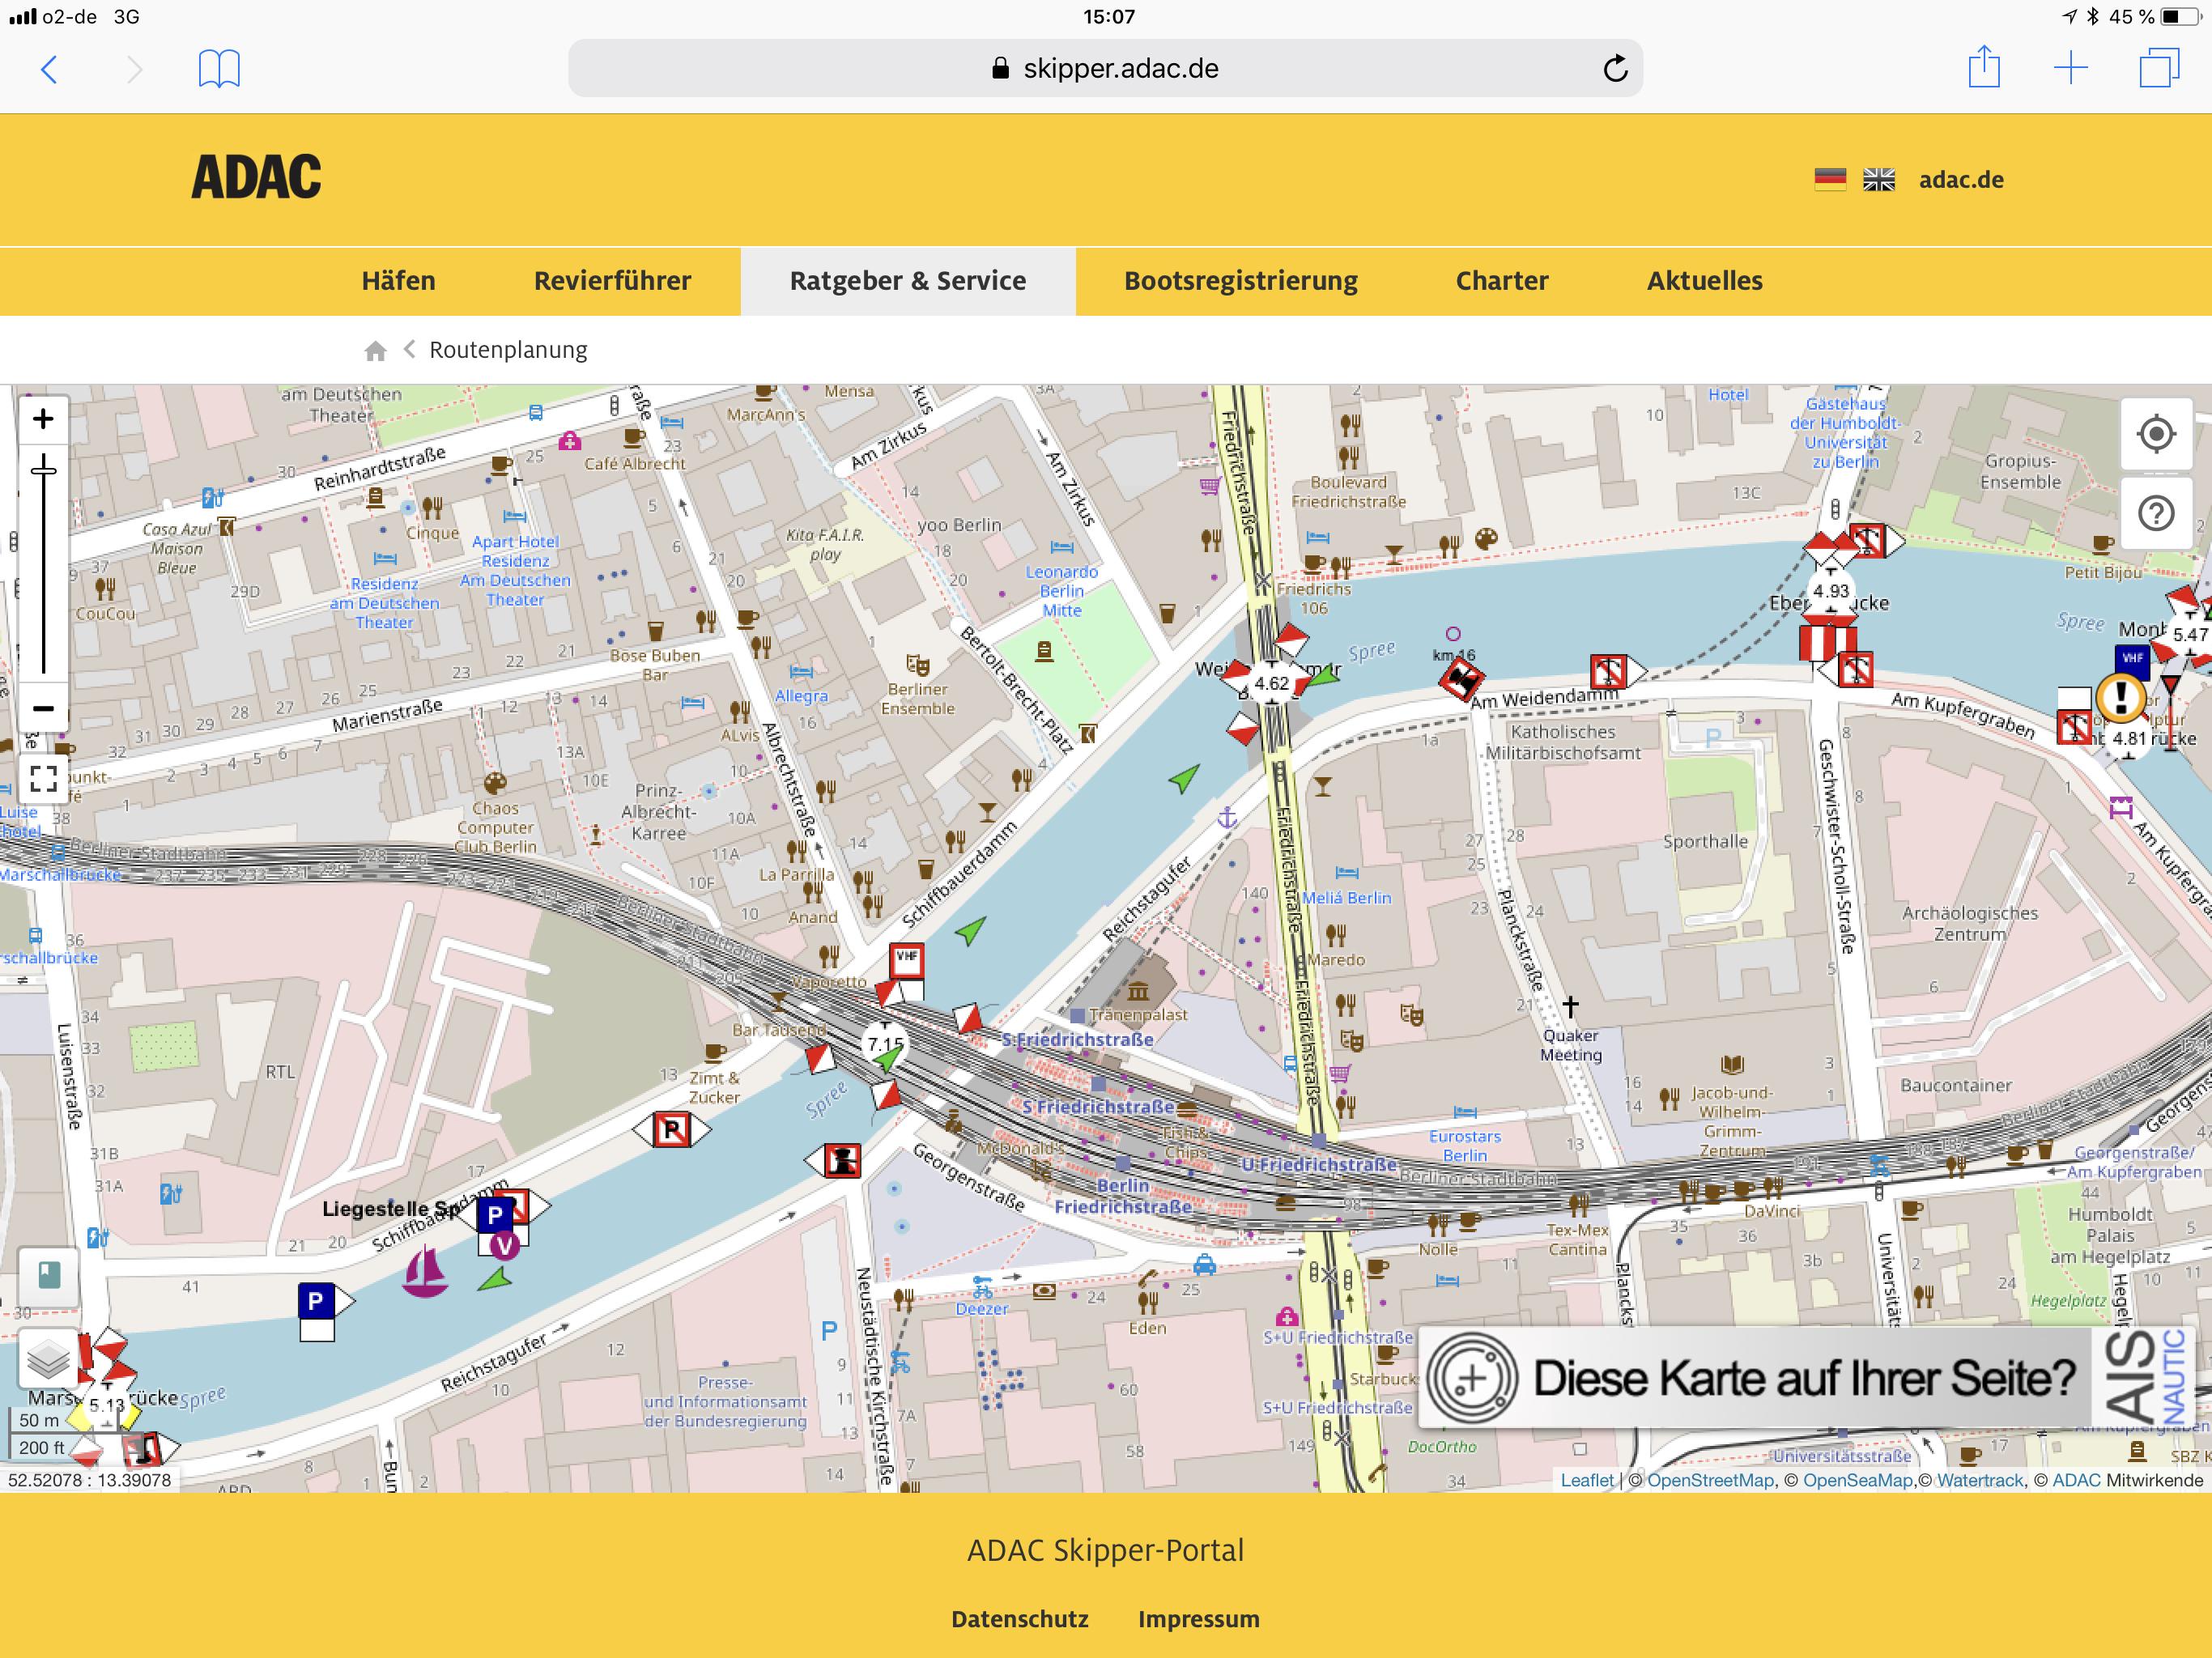 Routenplanung mit Streckenführung für Boote auf Binnenwasserstraßen.